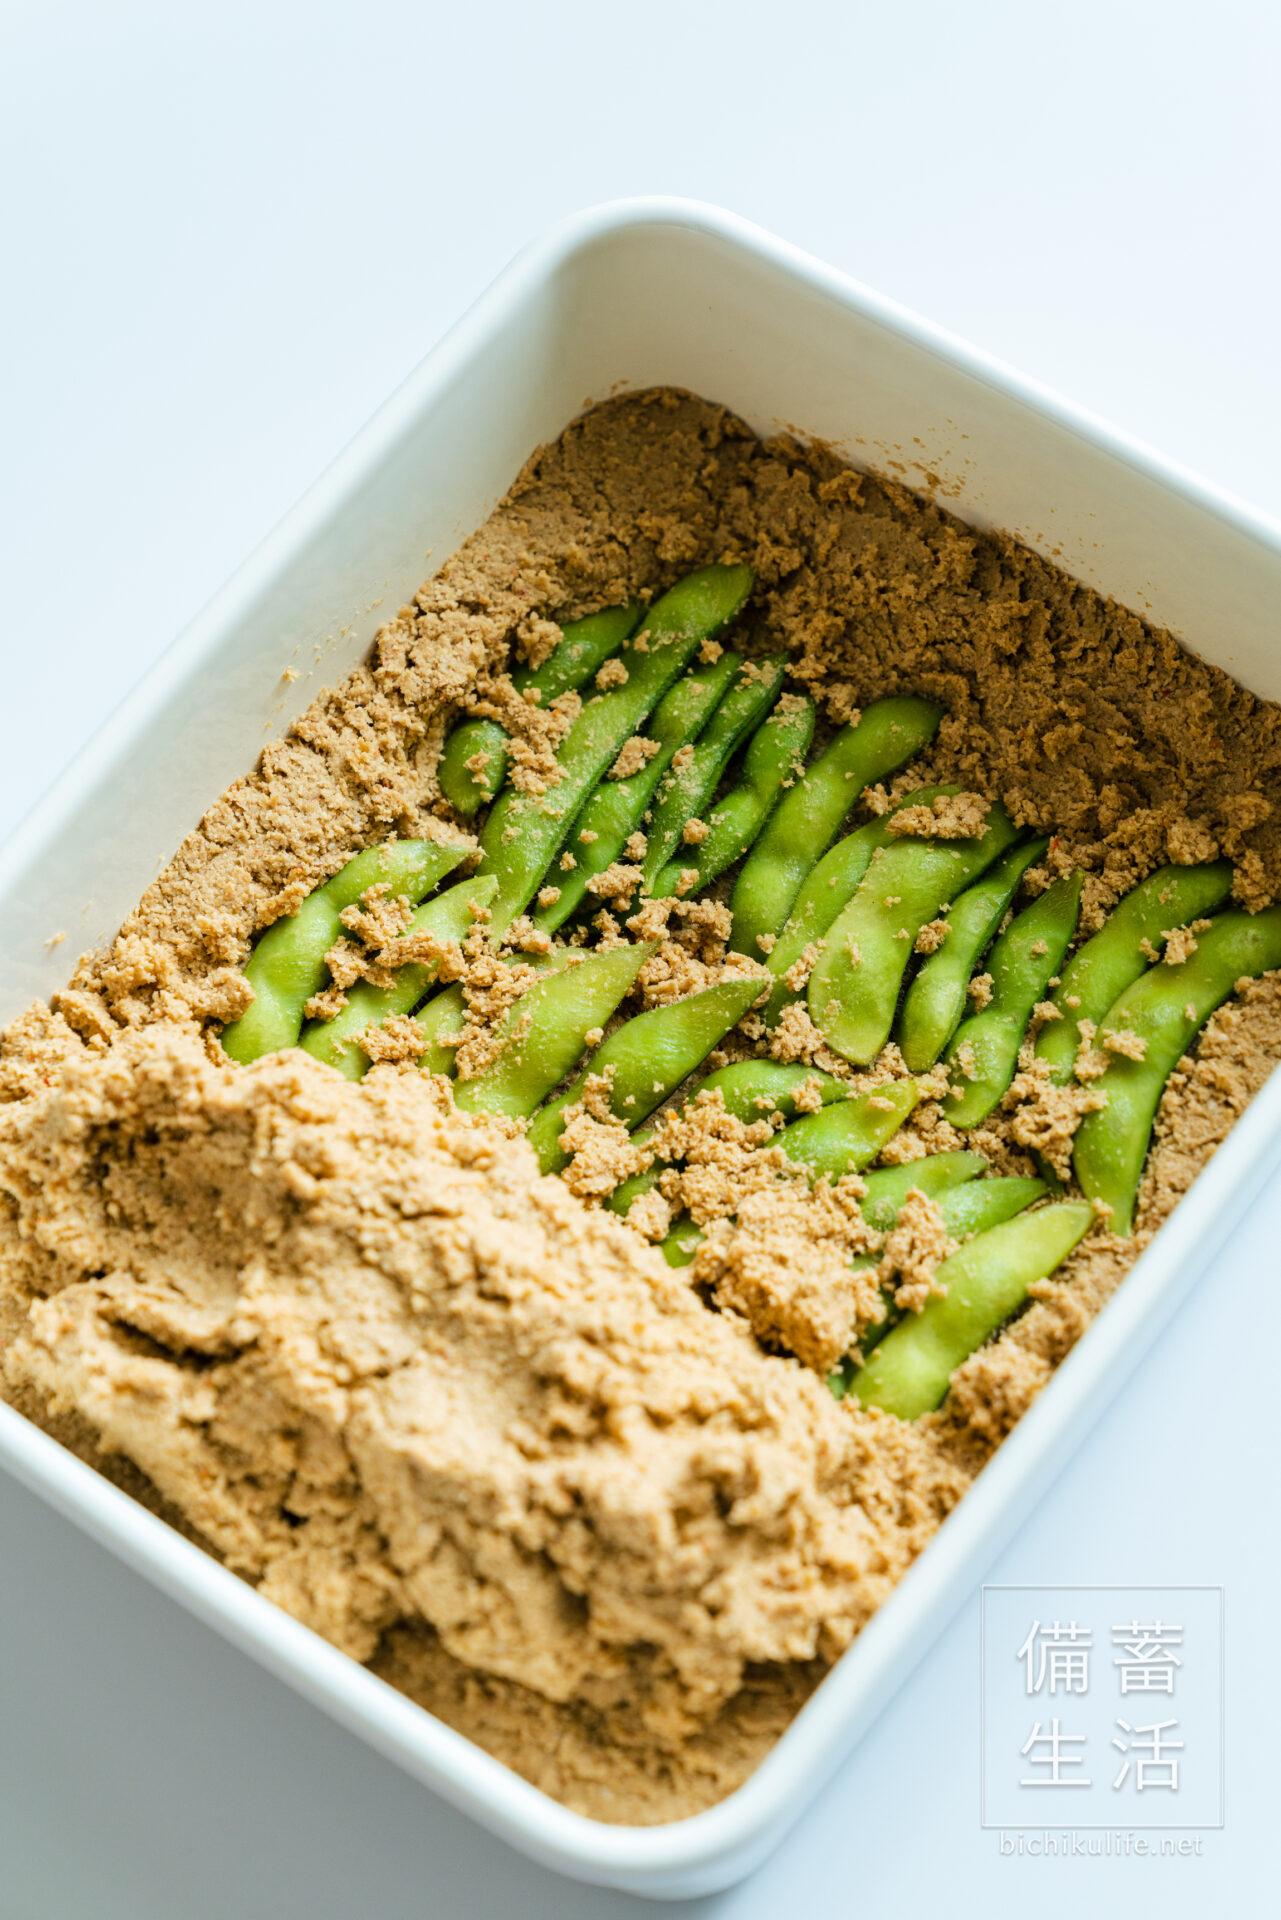 枝豆のぬか漬けの作り方・レシピ